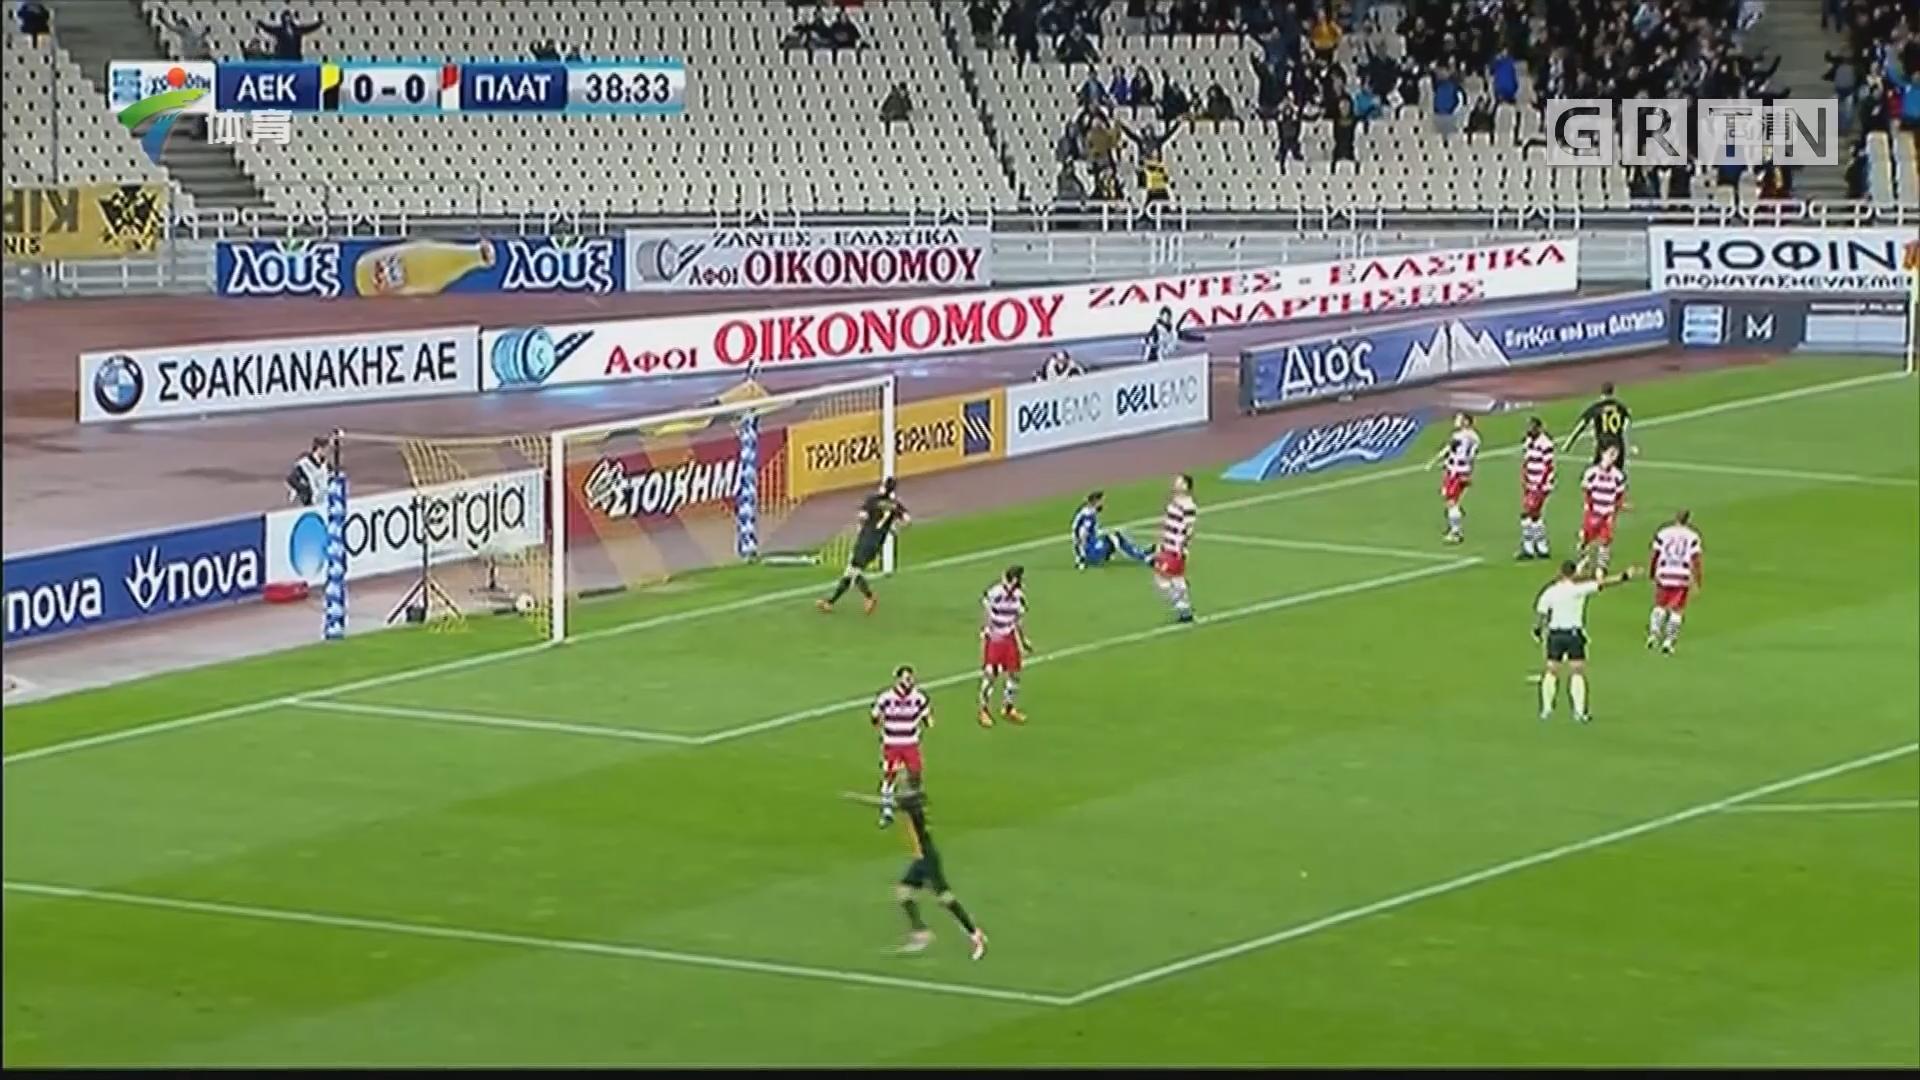 完胜普拉坦亚斯 雅典AEK登顶希腊超级联赛